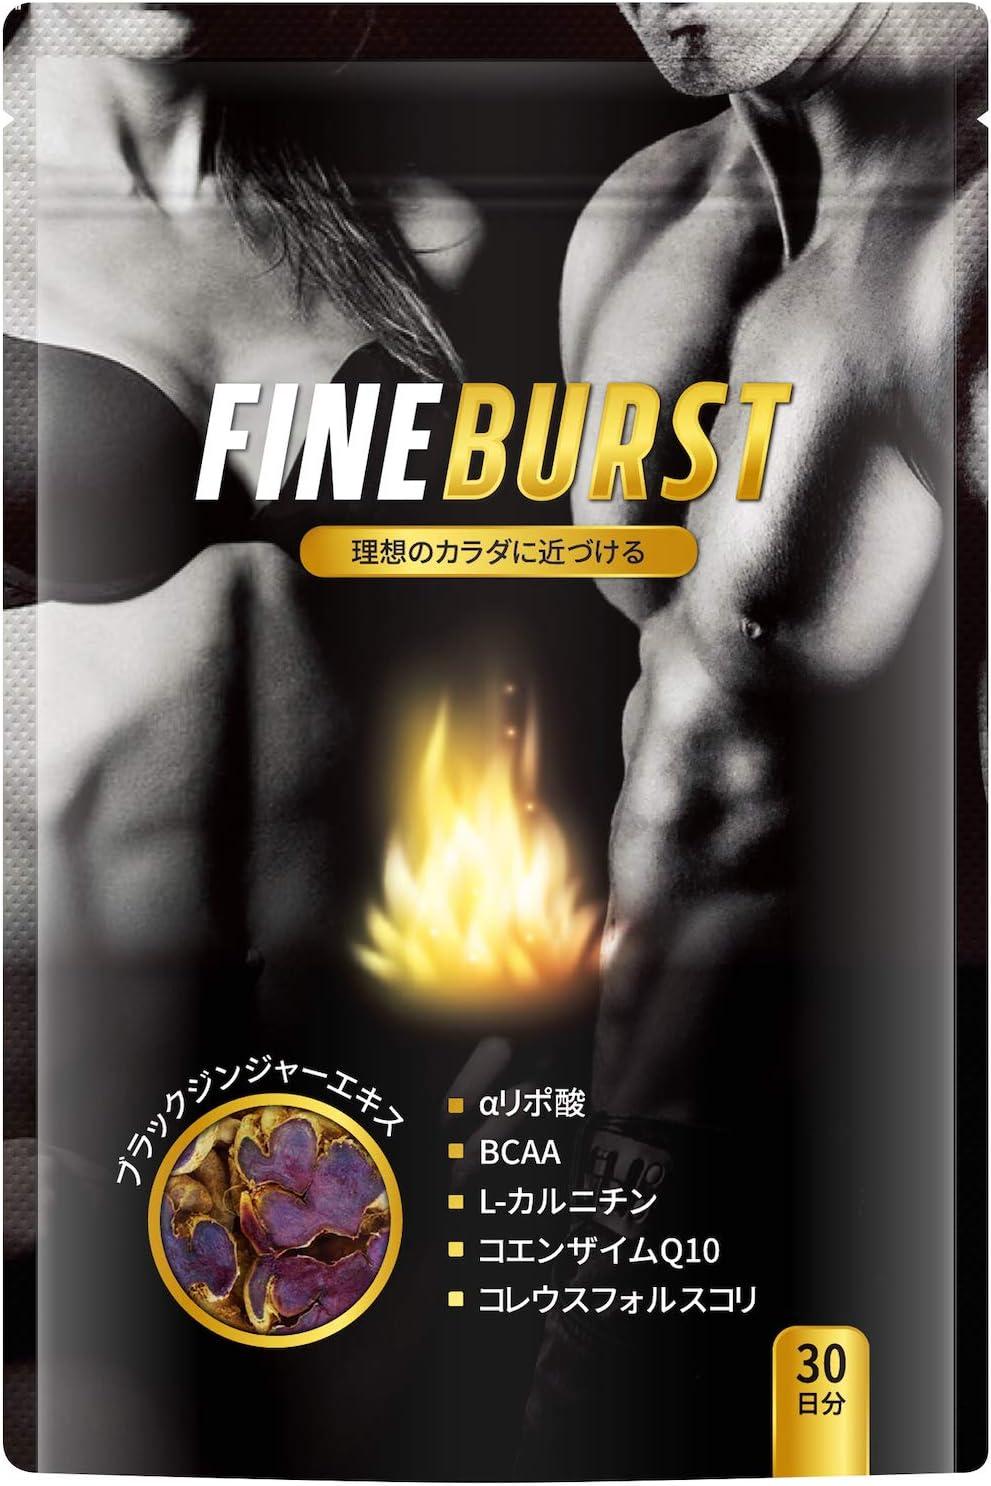 おすすめ3位:FIRE BURST αリポ酸 BCAA サプリ ダイエット 厳選素材